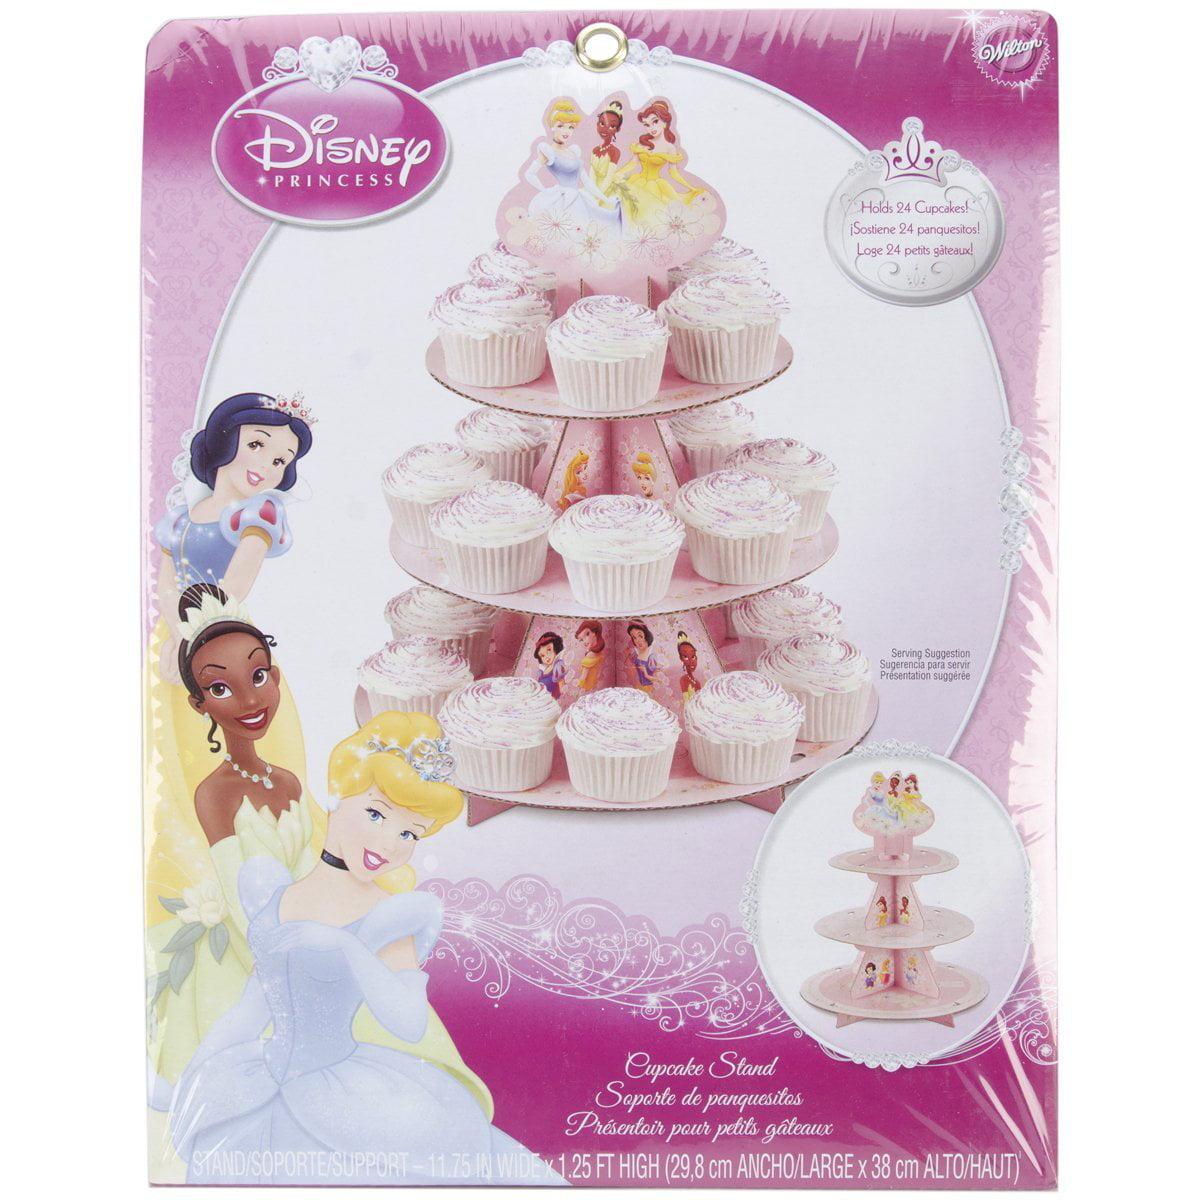 Wilton 3 Tier Cupcake Stand Disney Princess 1512 7475